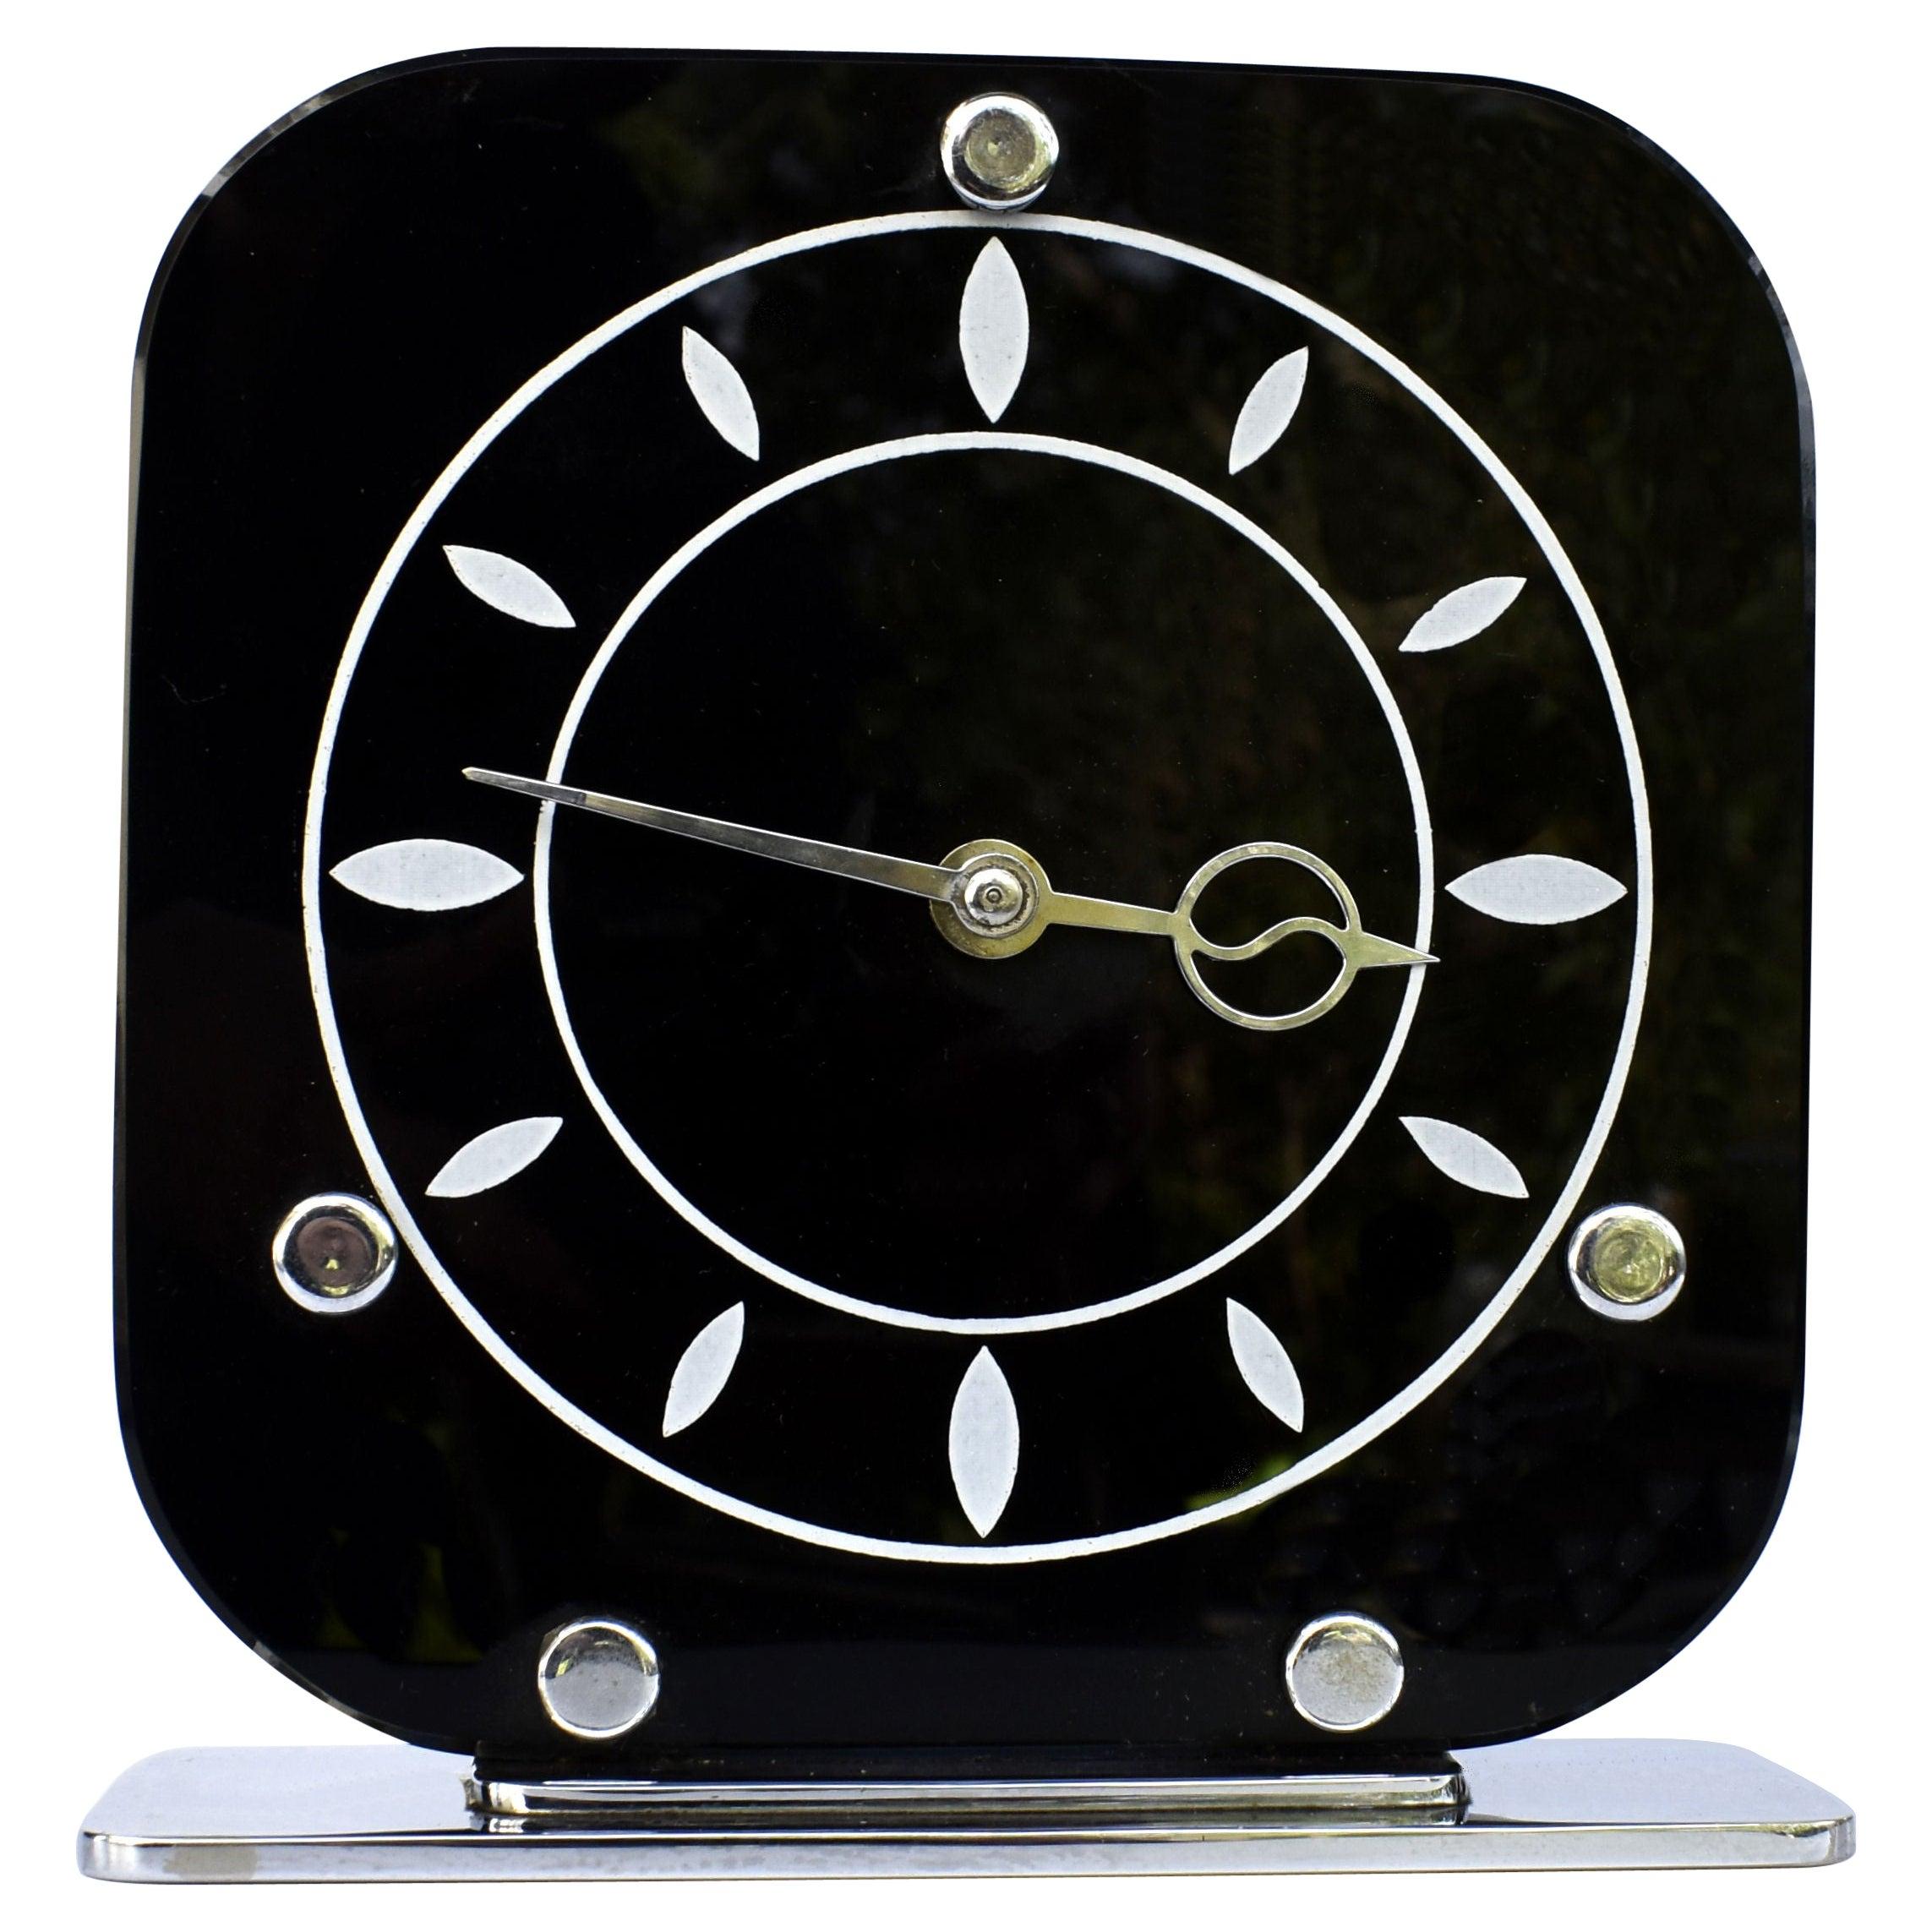 Art Deco Black Vitrolite & Chrome Mantle Clock, English, c1930